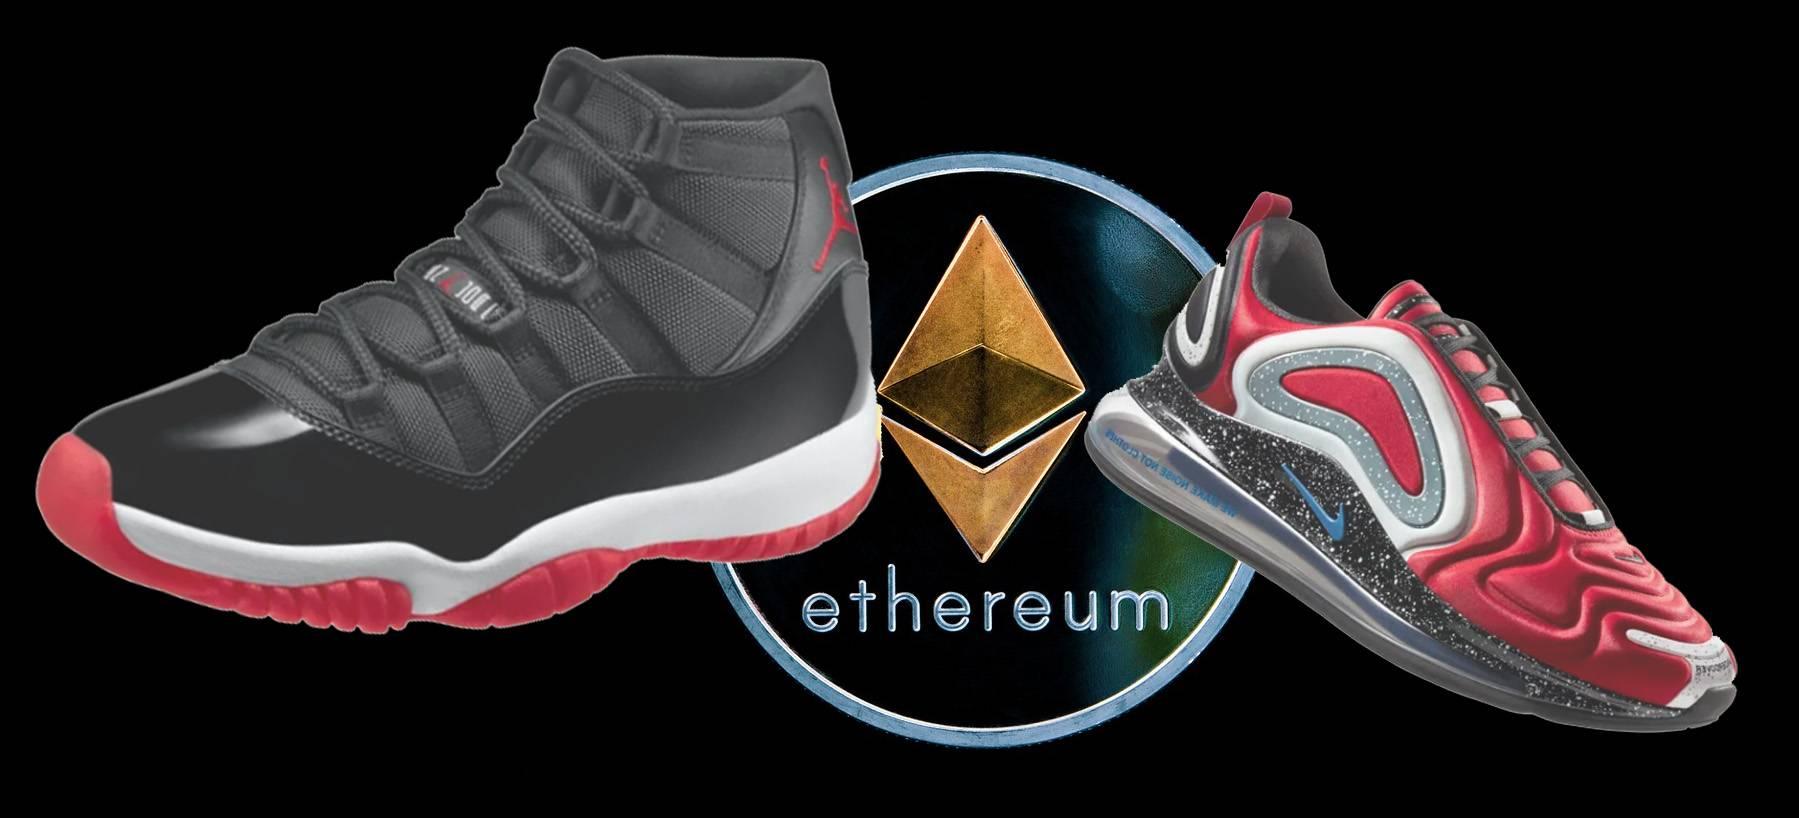 Ethereum ETH ERC-1155 Nike